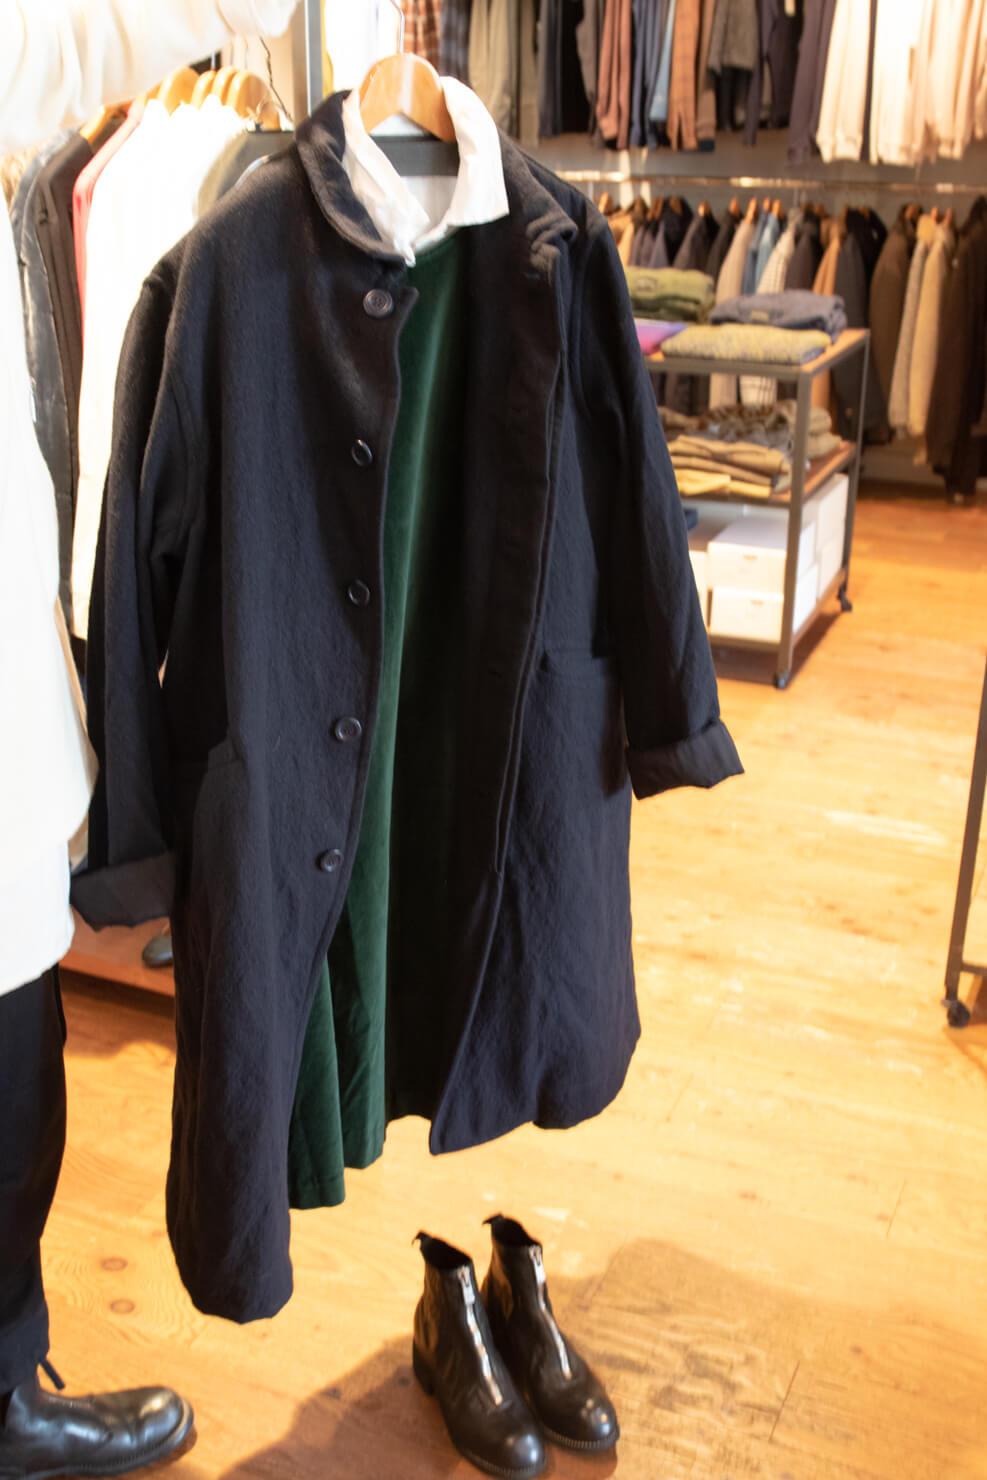 白いブラウス、緑のワンピース、濃紺のジャケット、黒い靴をコーディネートしている写真